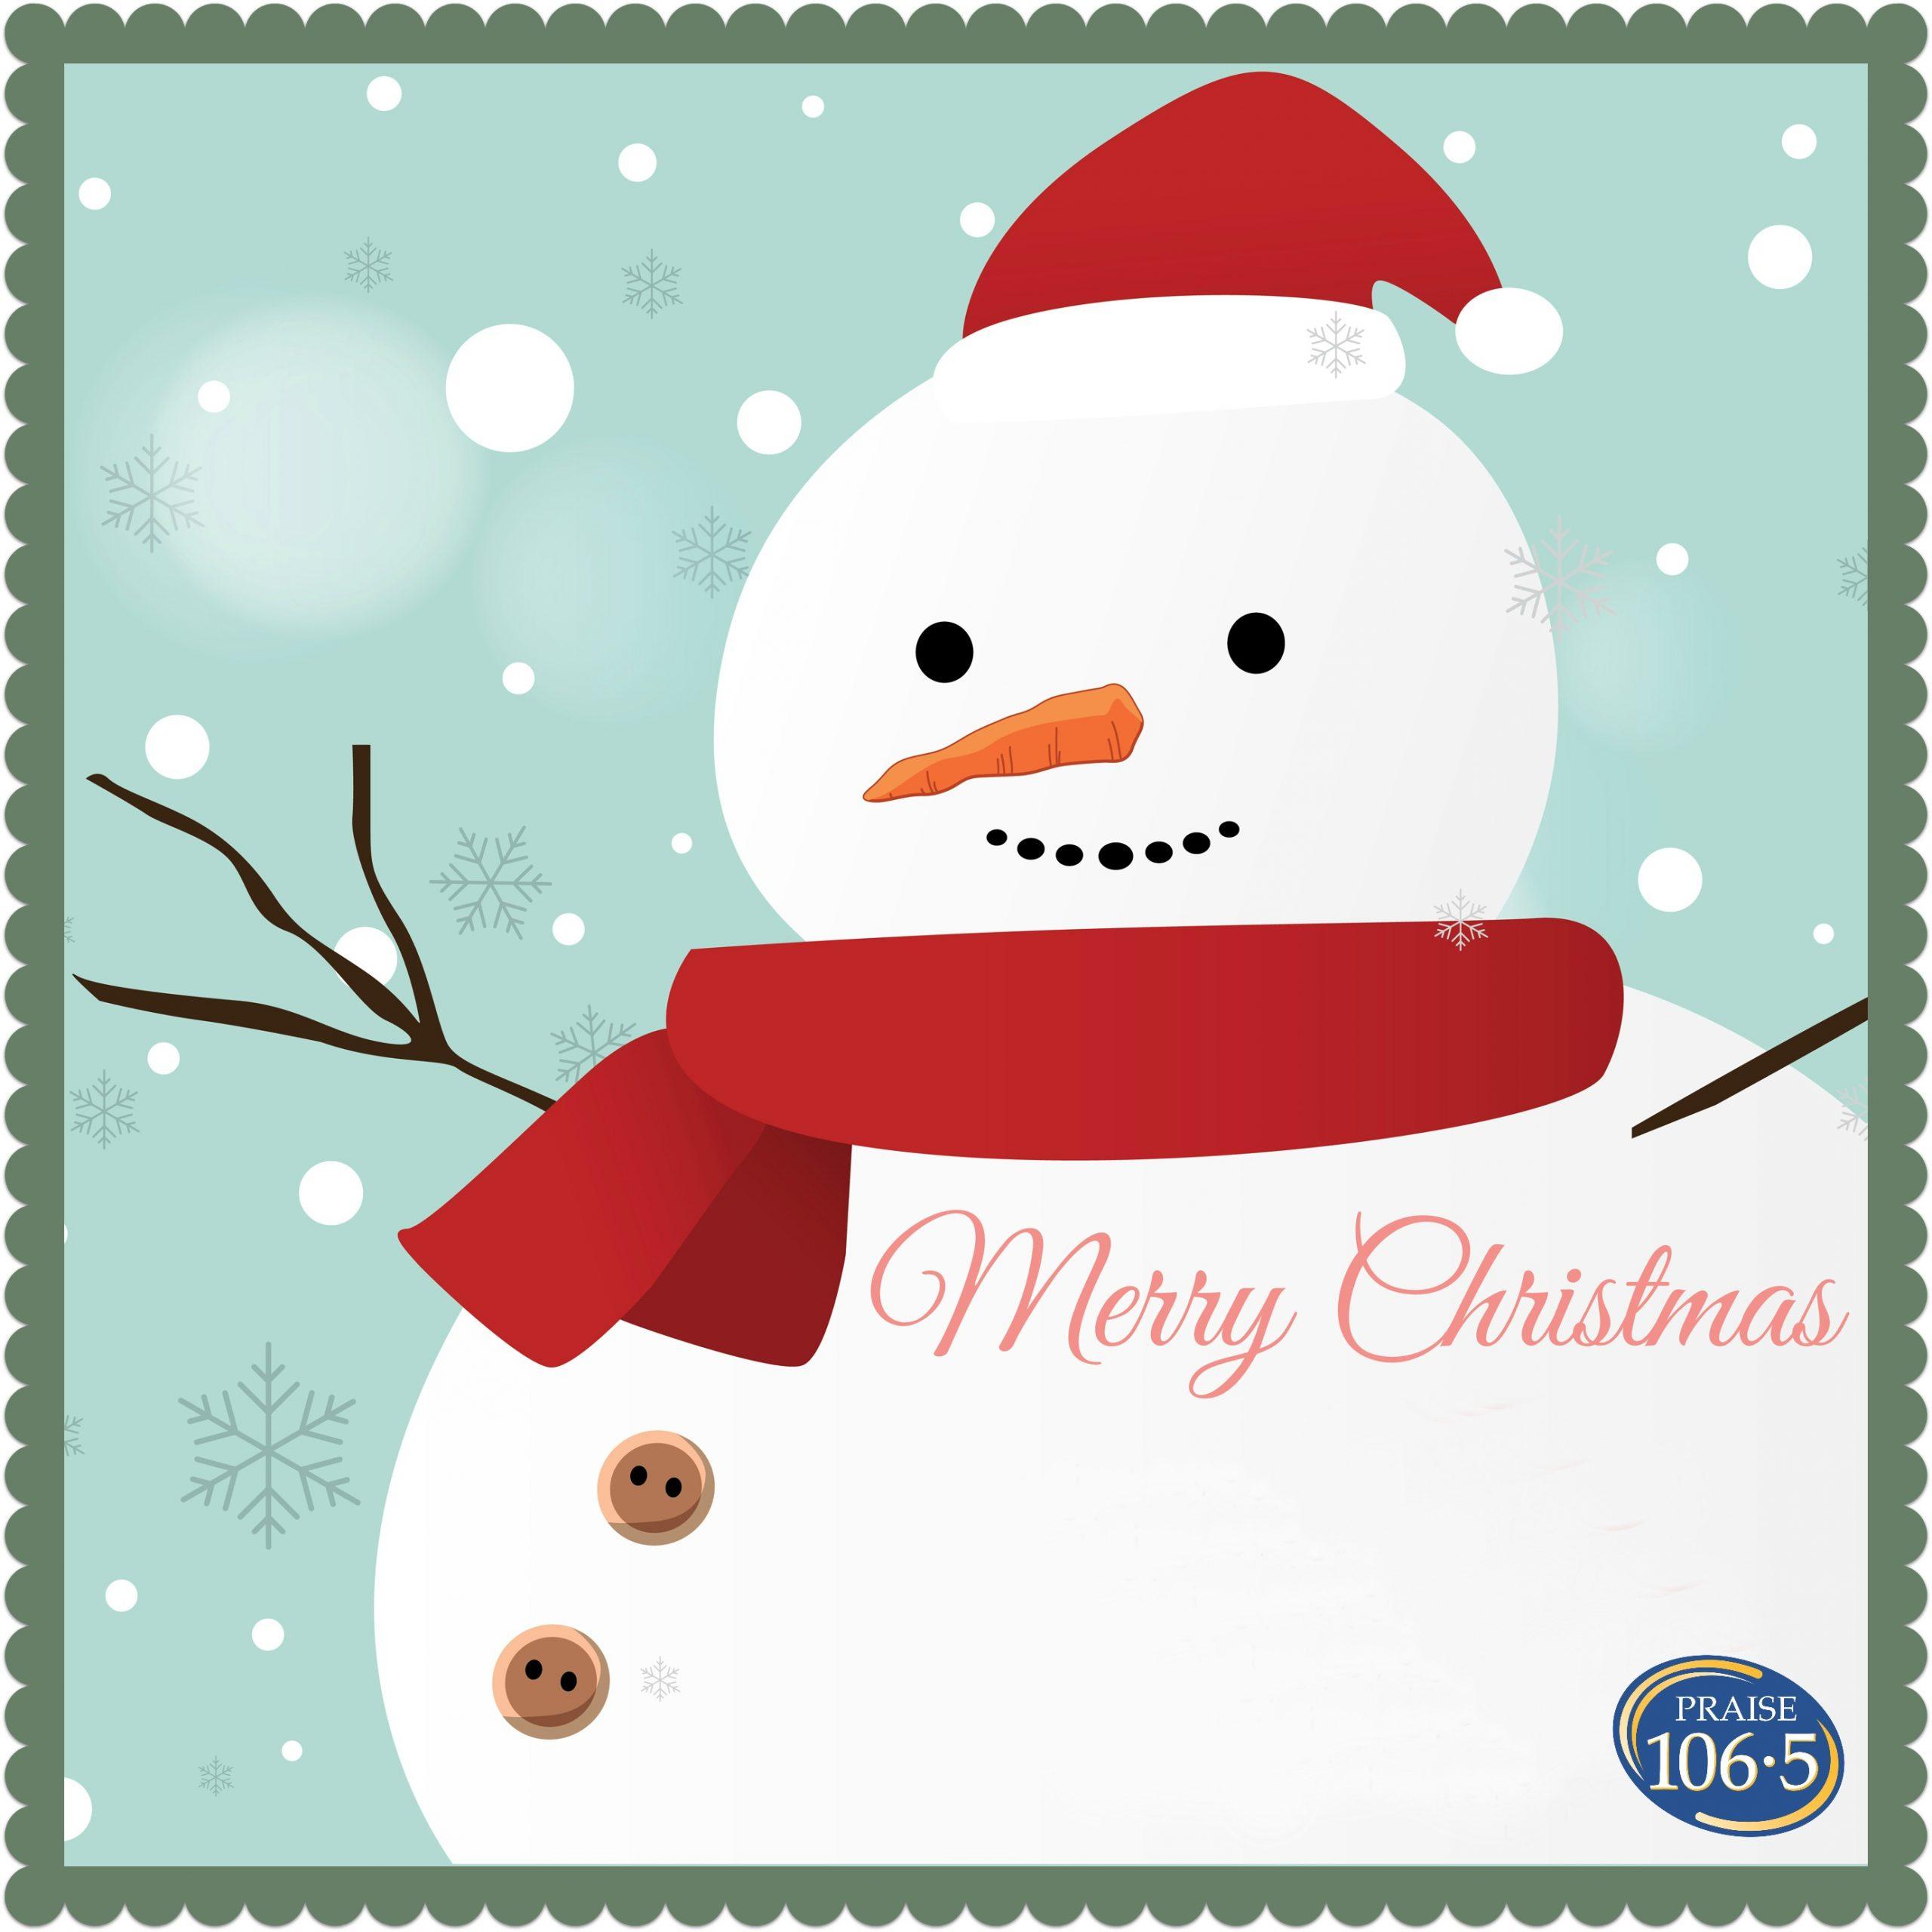 Frosty the Snowman?! Jingle Bells?